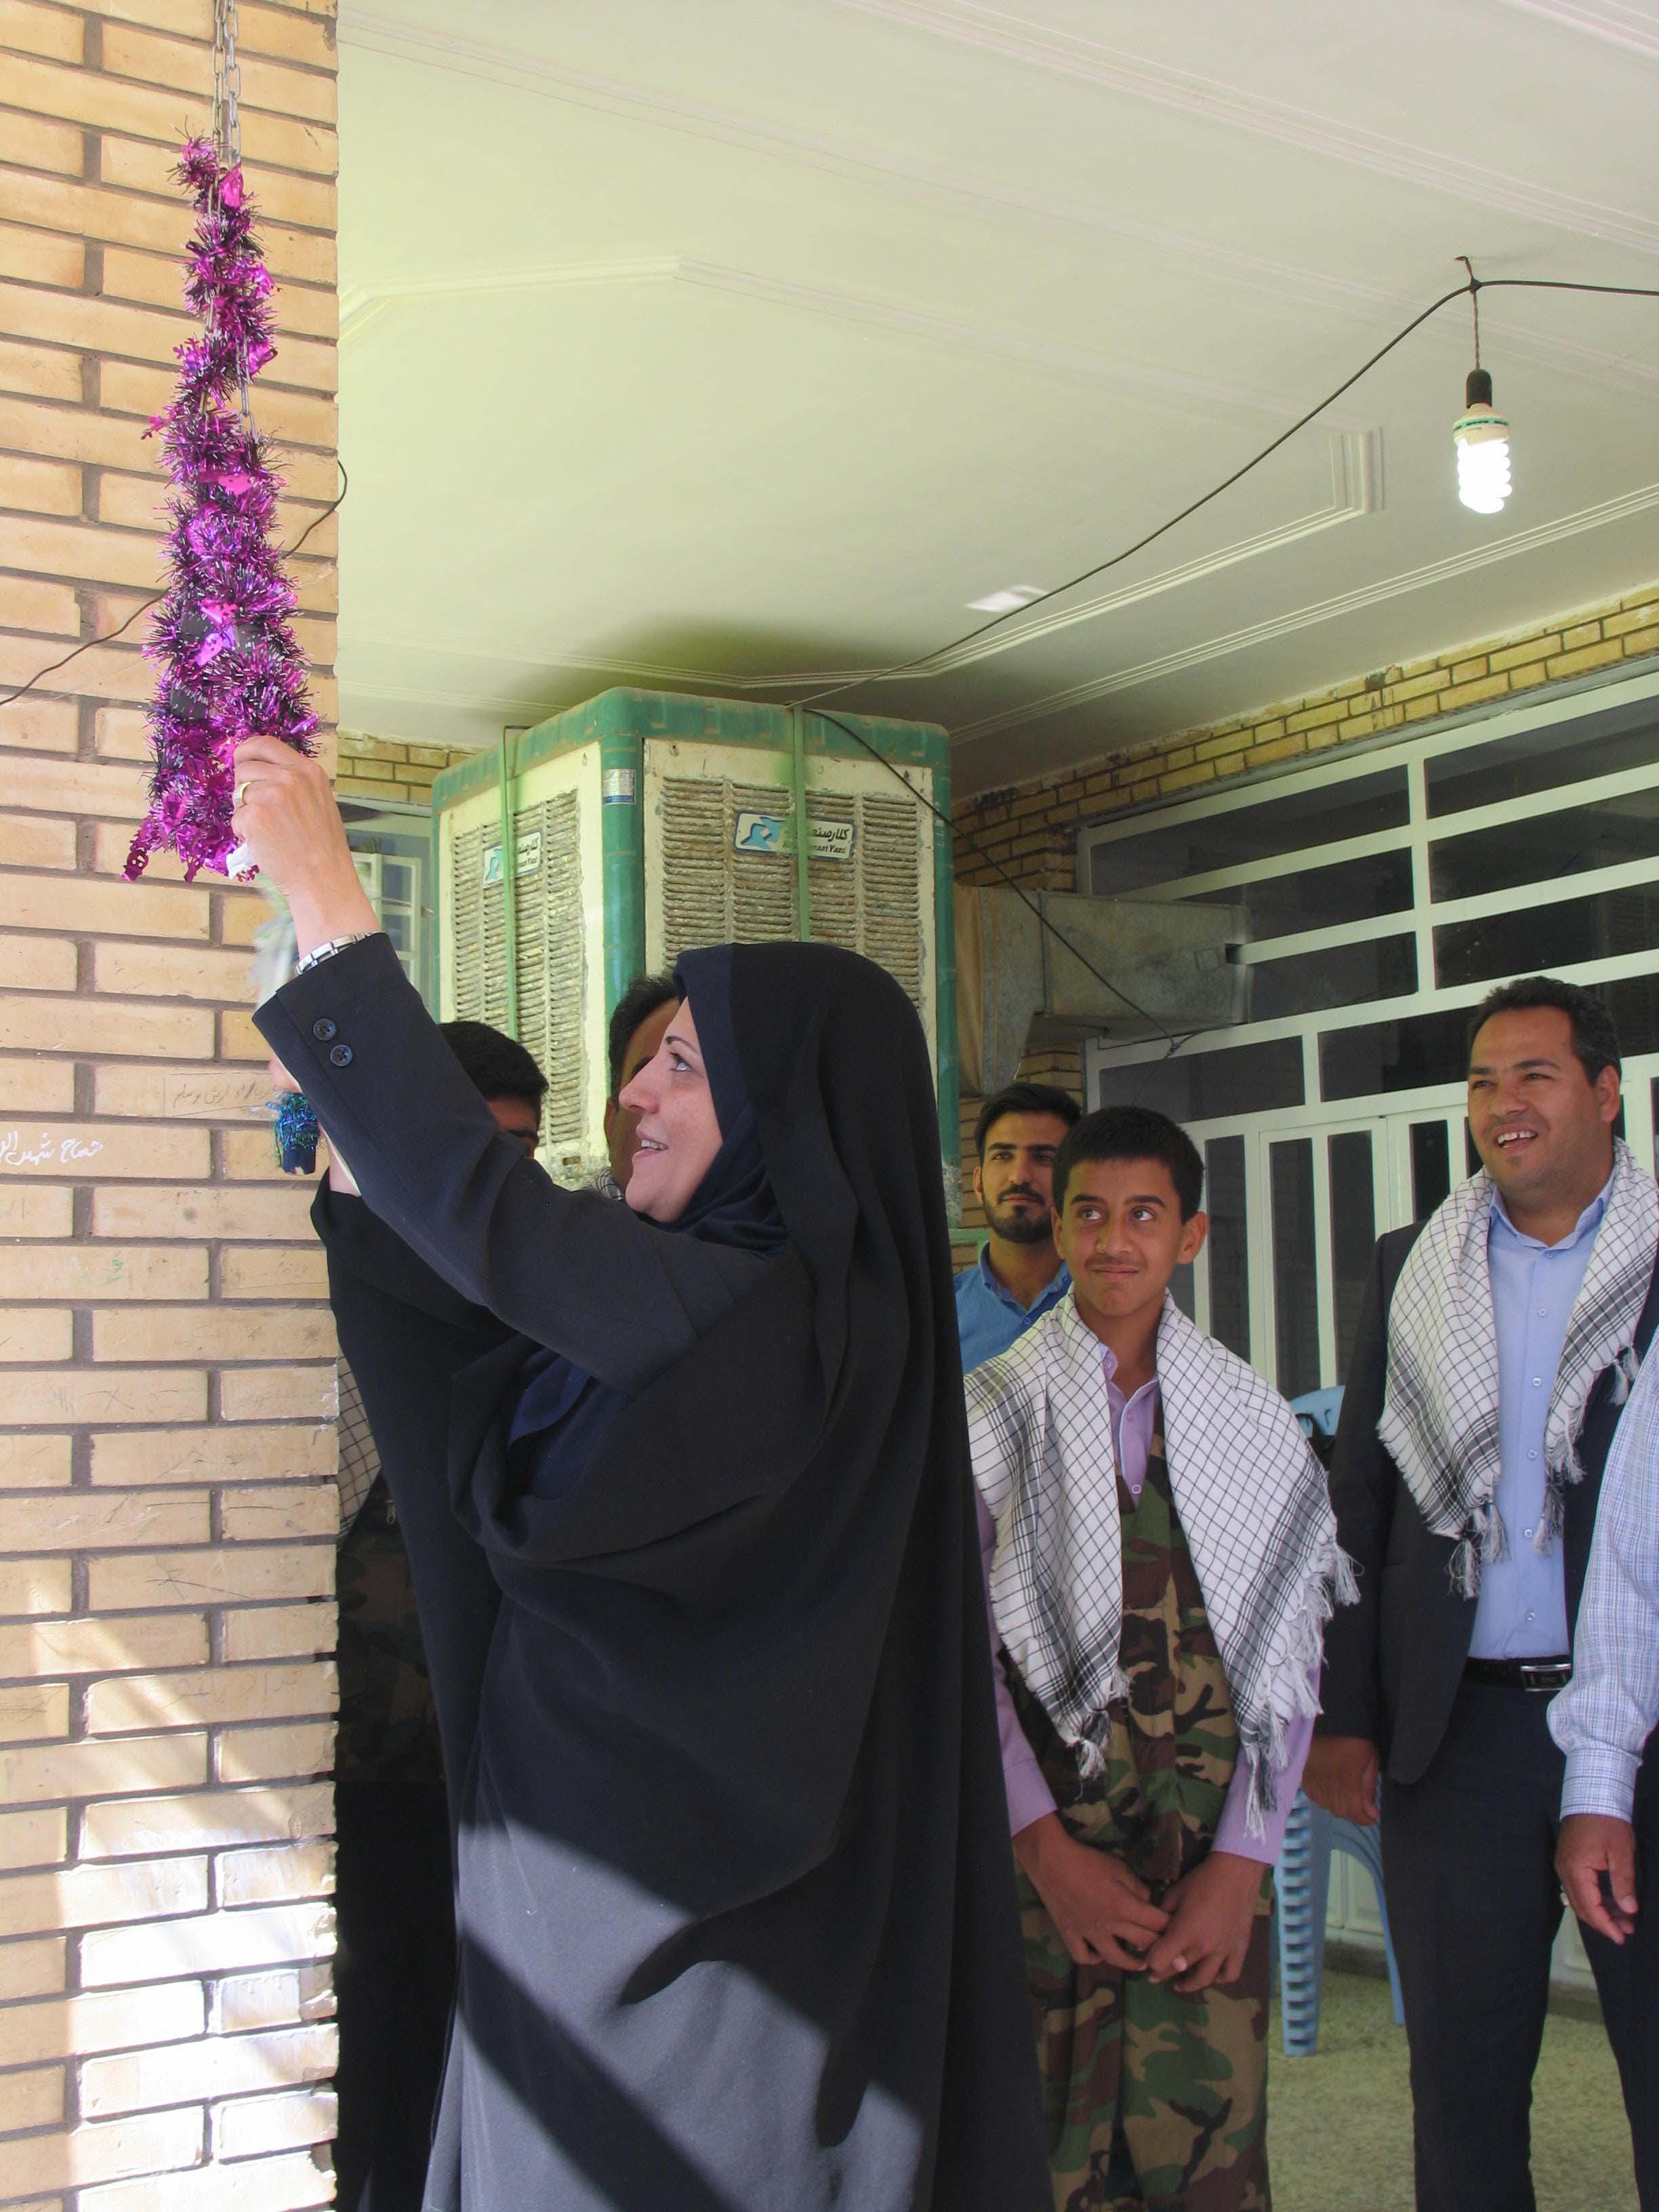 زنگ مهر در شهر بهرمان نواخته شد / عکس